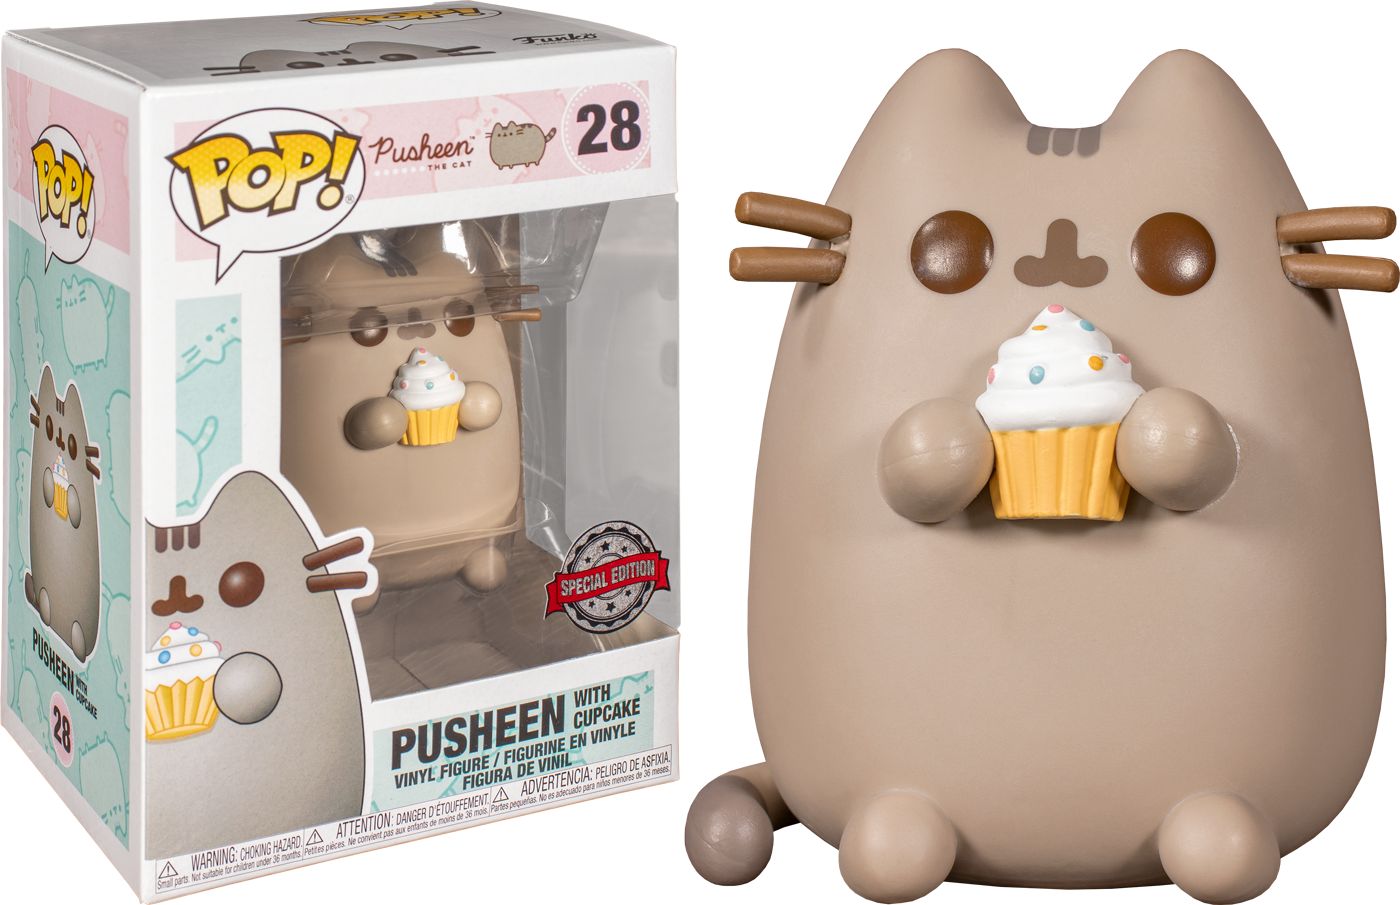 Pusheen - Pusheen with Cupcake Pop! Vinyl Figure